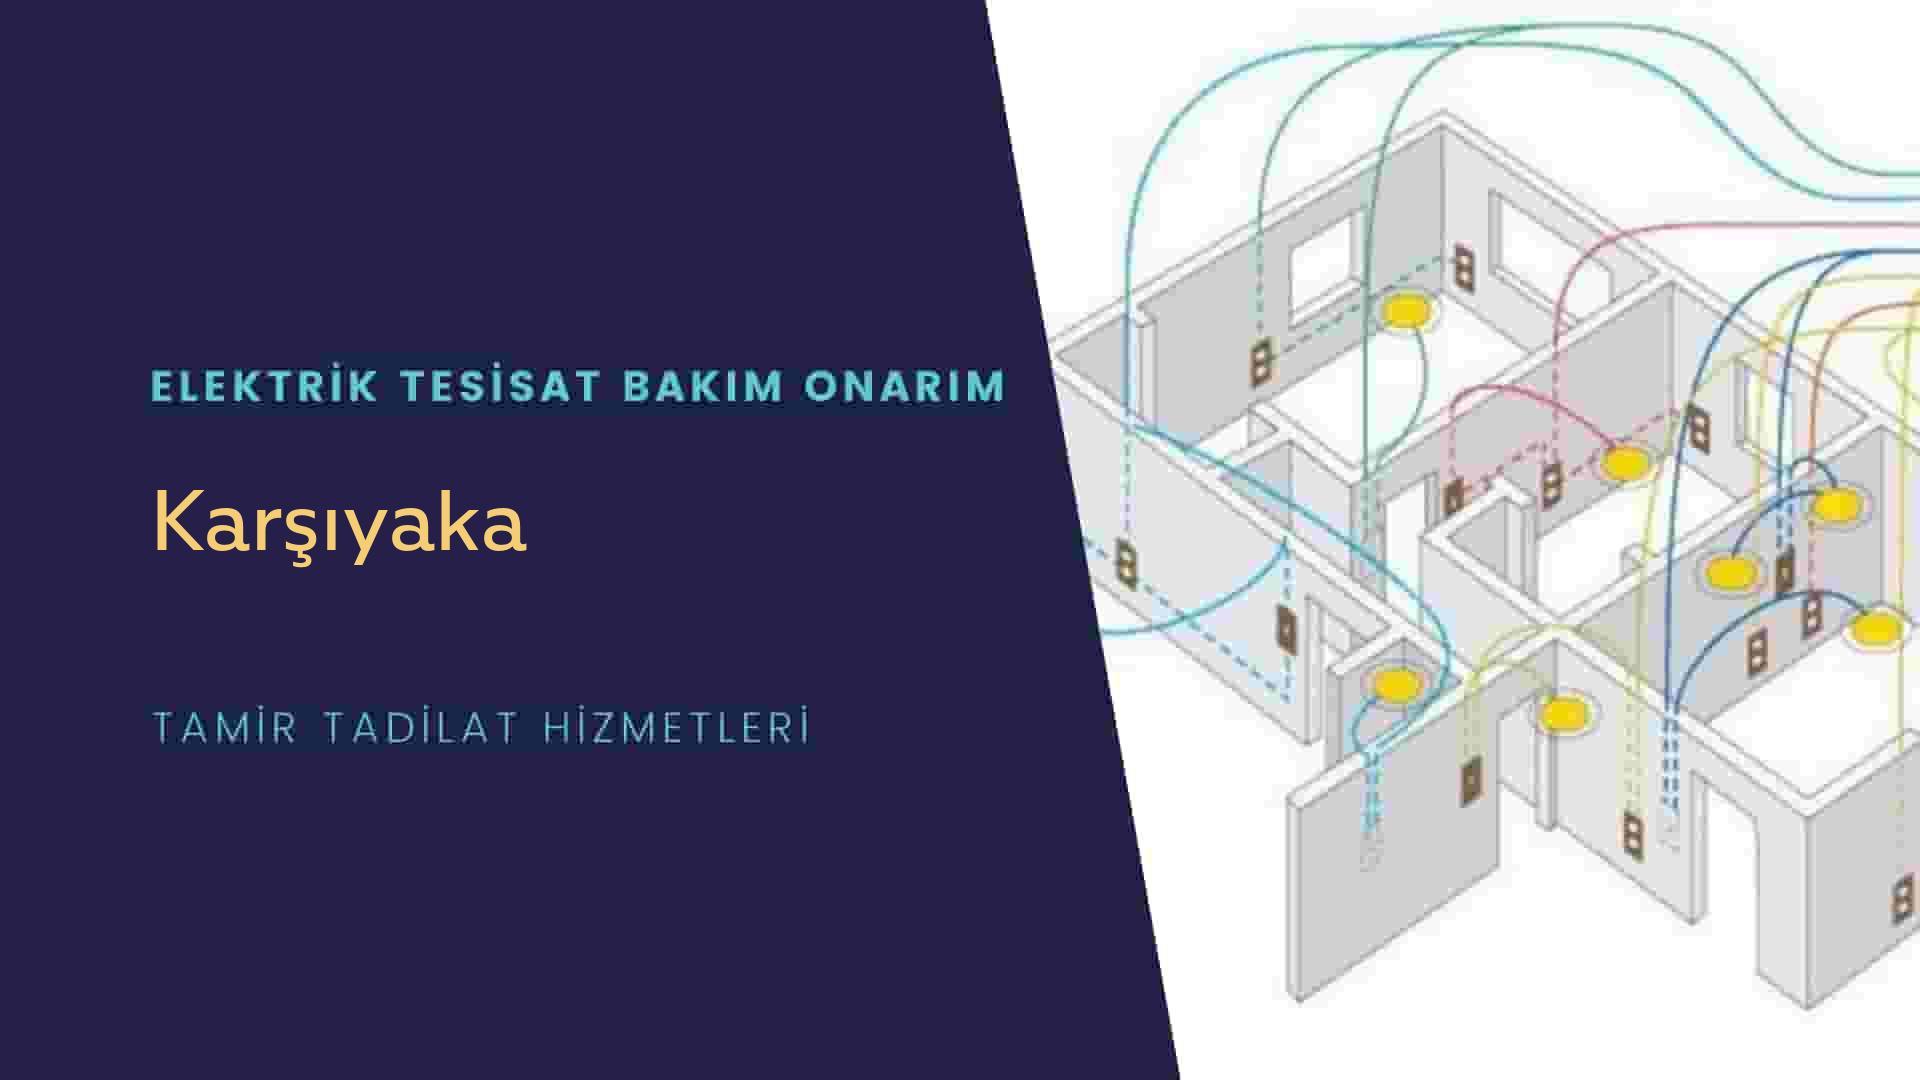 Karşıyaka  elektrik tesisatıustalarımı arıyorsunuz doğru adrestenizi Karşıyaka elektrik tesisatı ustalarımız 7/24 sizlere hizmet vermekten mutluluk duyar.